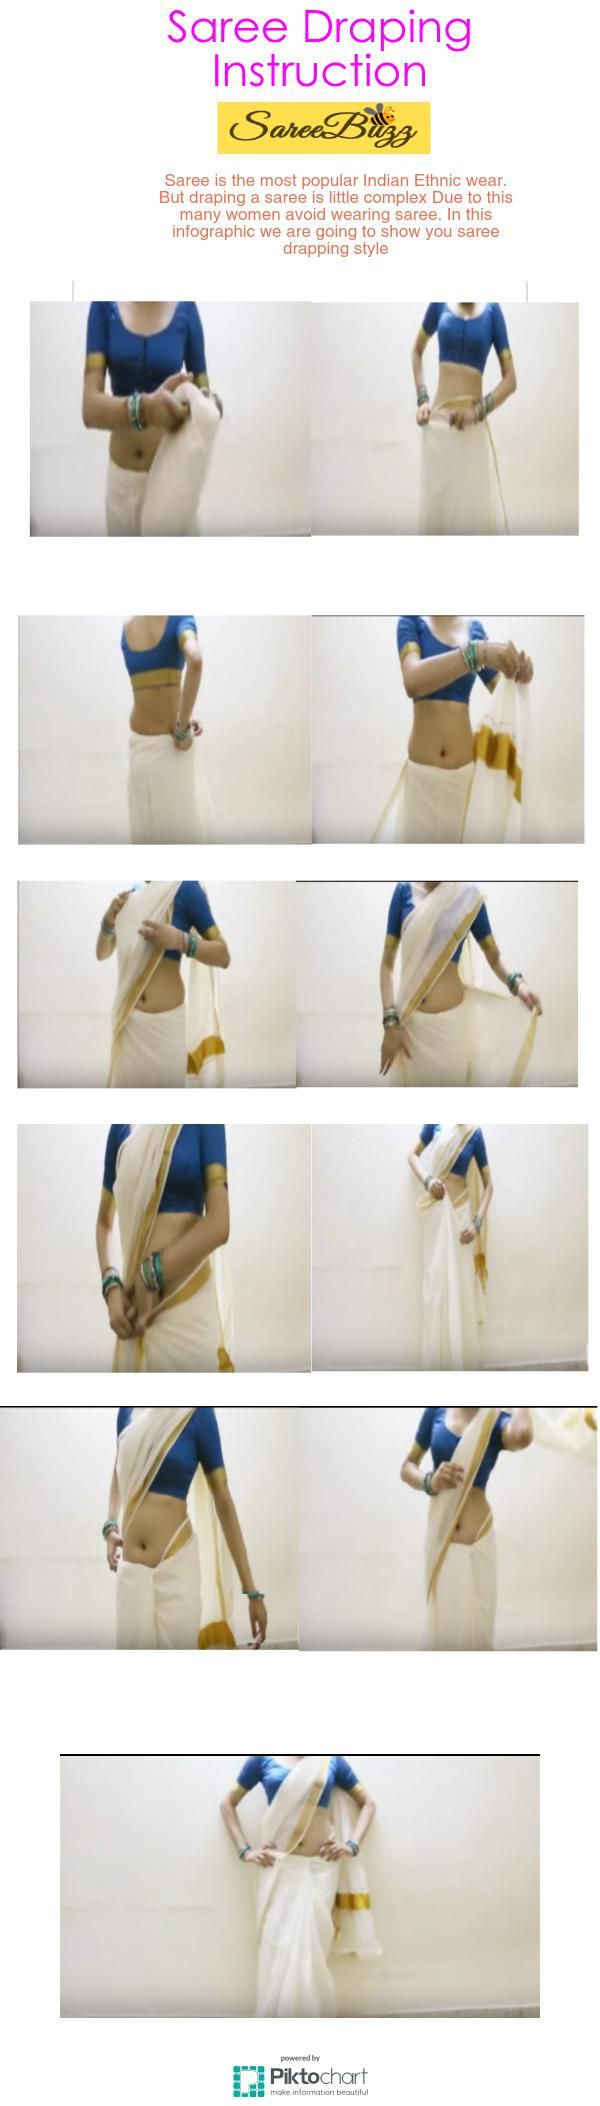 How to Wear a Saree hot woman wearing saree